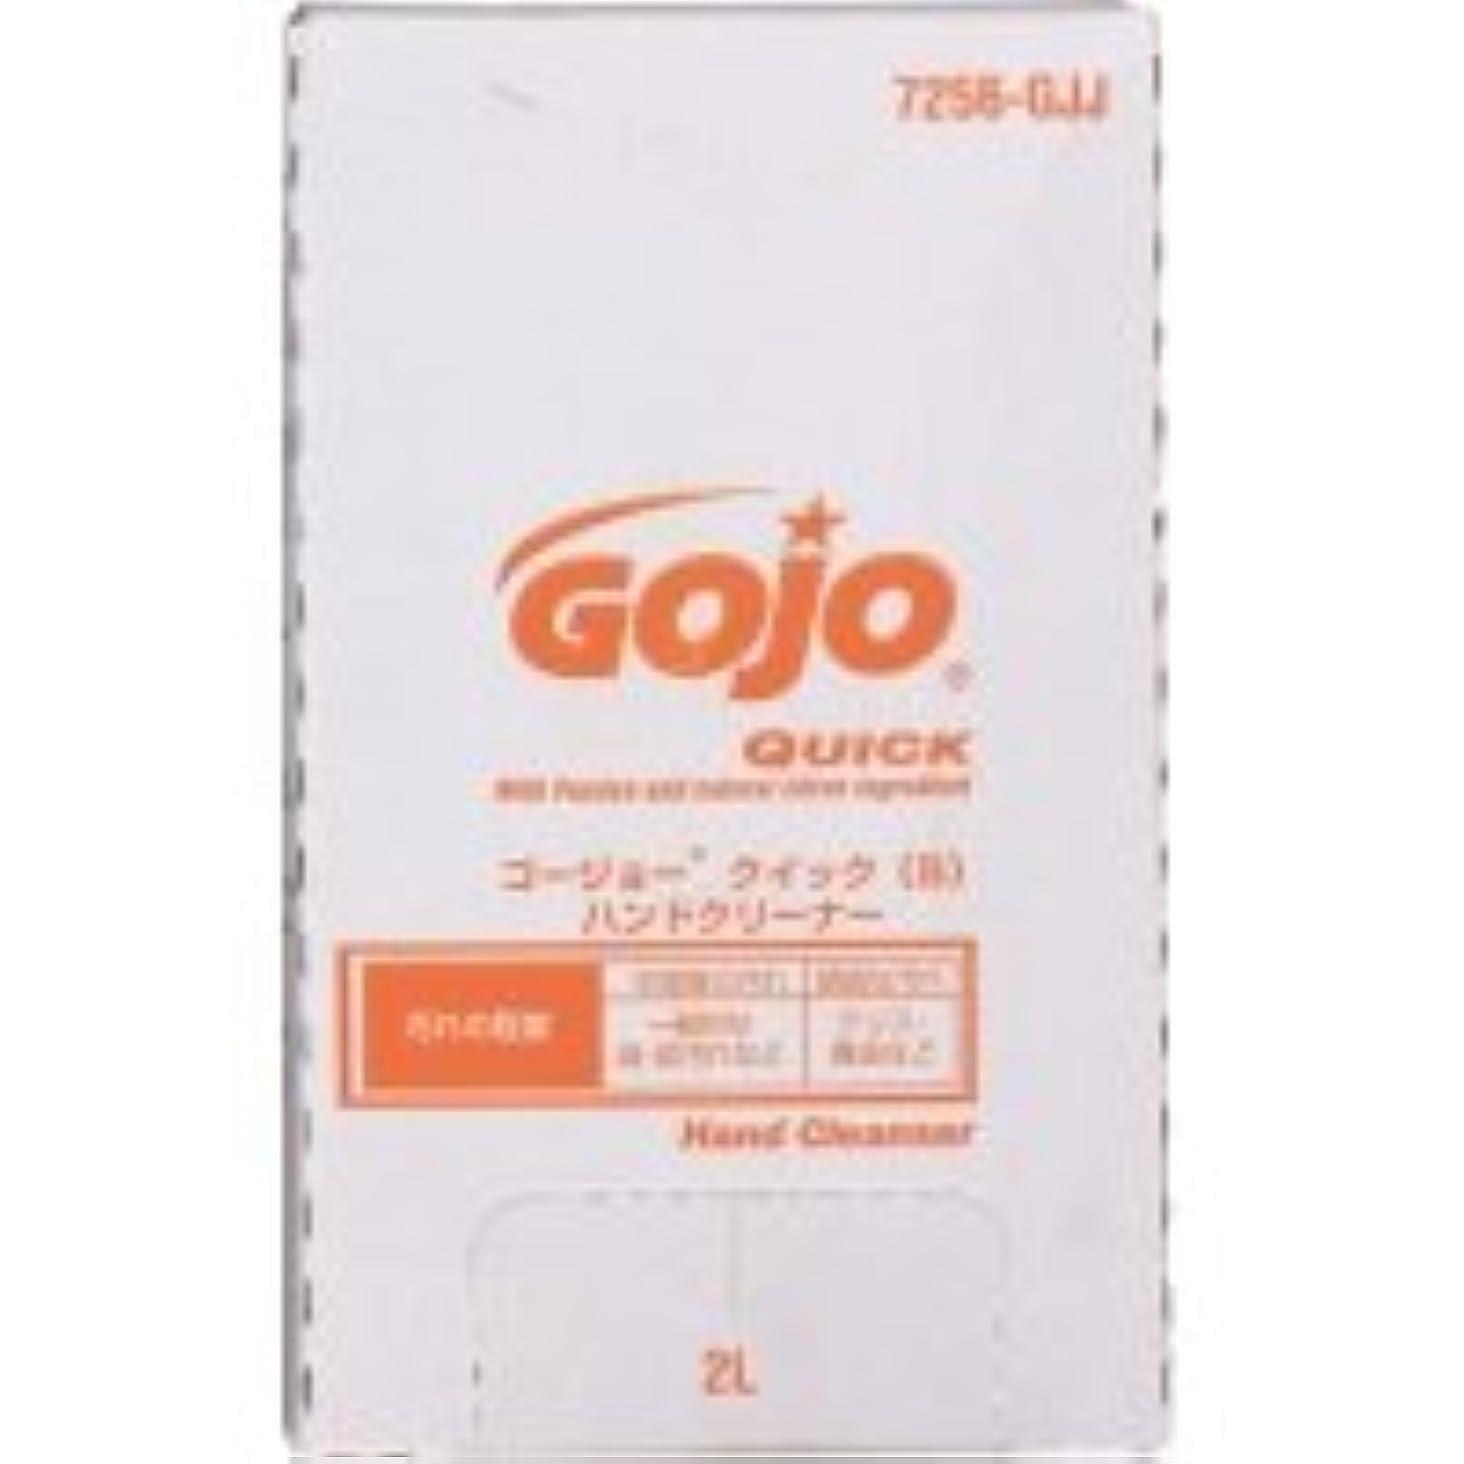 将来の下にまあGOJO クイック(S)ハンドクリーナー ディスペンサー用 2000ml 1個